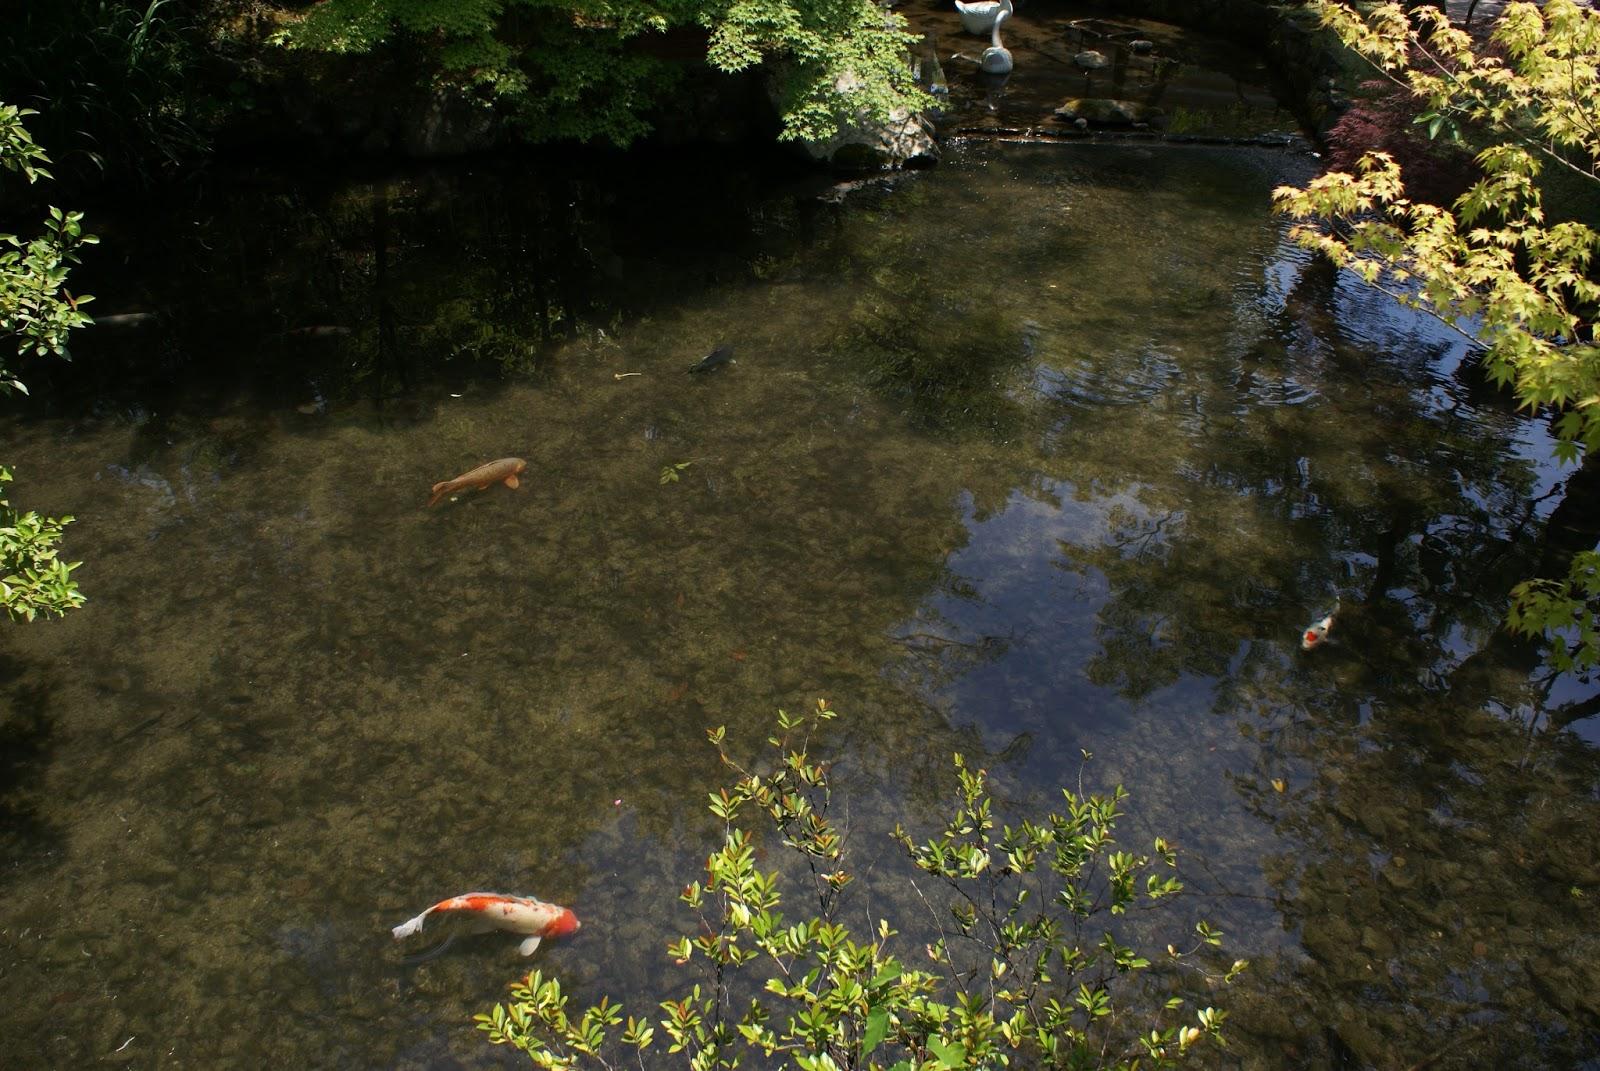 eikan do zenrin-ji koi carp buddhist temple garden kyoto japan